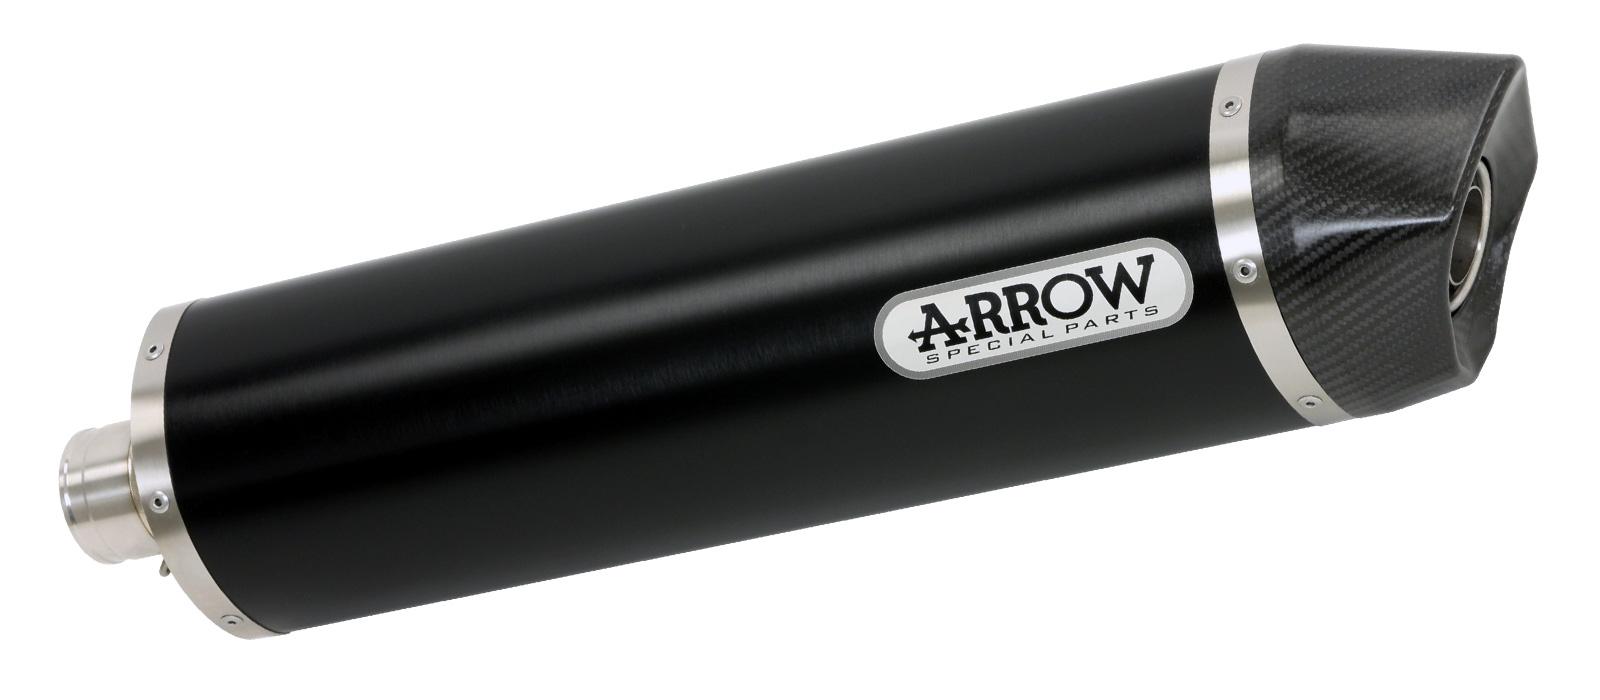 高い素材 Arrow R1200R 15-16 フルエキ(触媒付き) 15-16 MAXI Arrow Race フルエキ(触媒付き) Tech アルミダーク 71842AKN+71632KZ, シンマチ:b8deacda --- kventurepartners.sakura.ne.jp